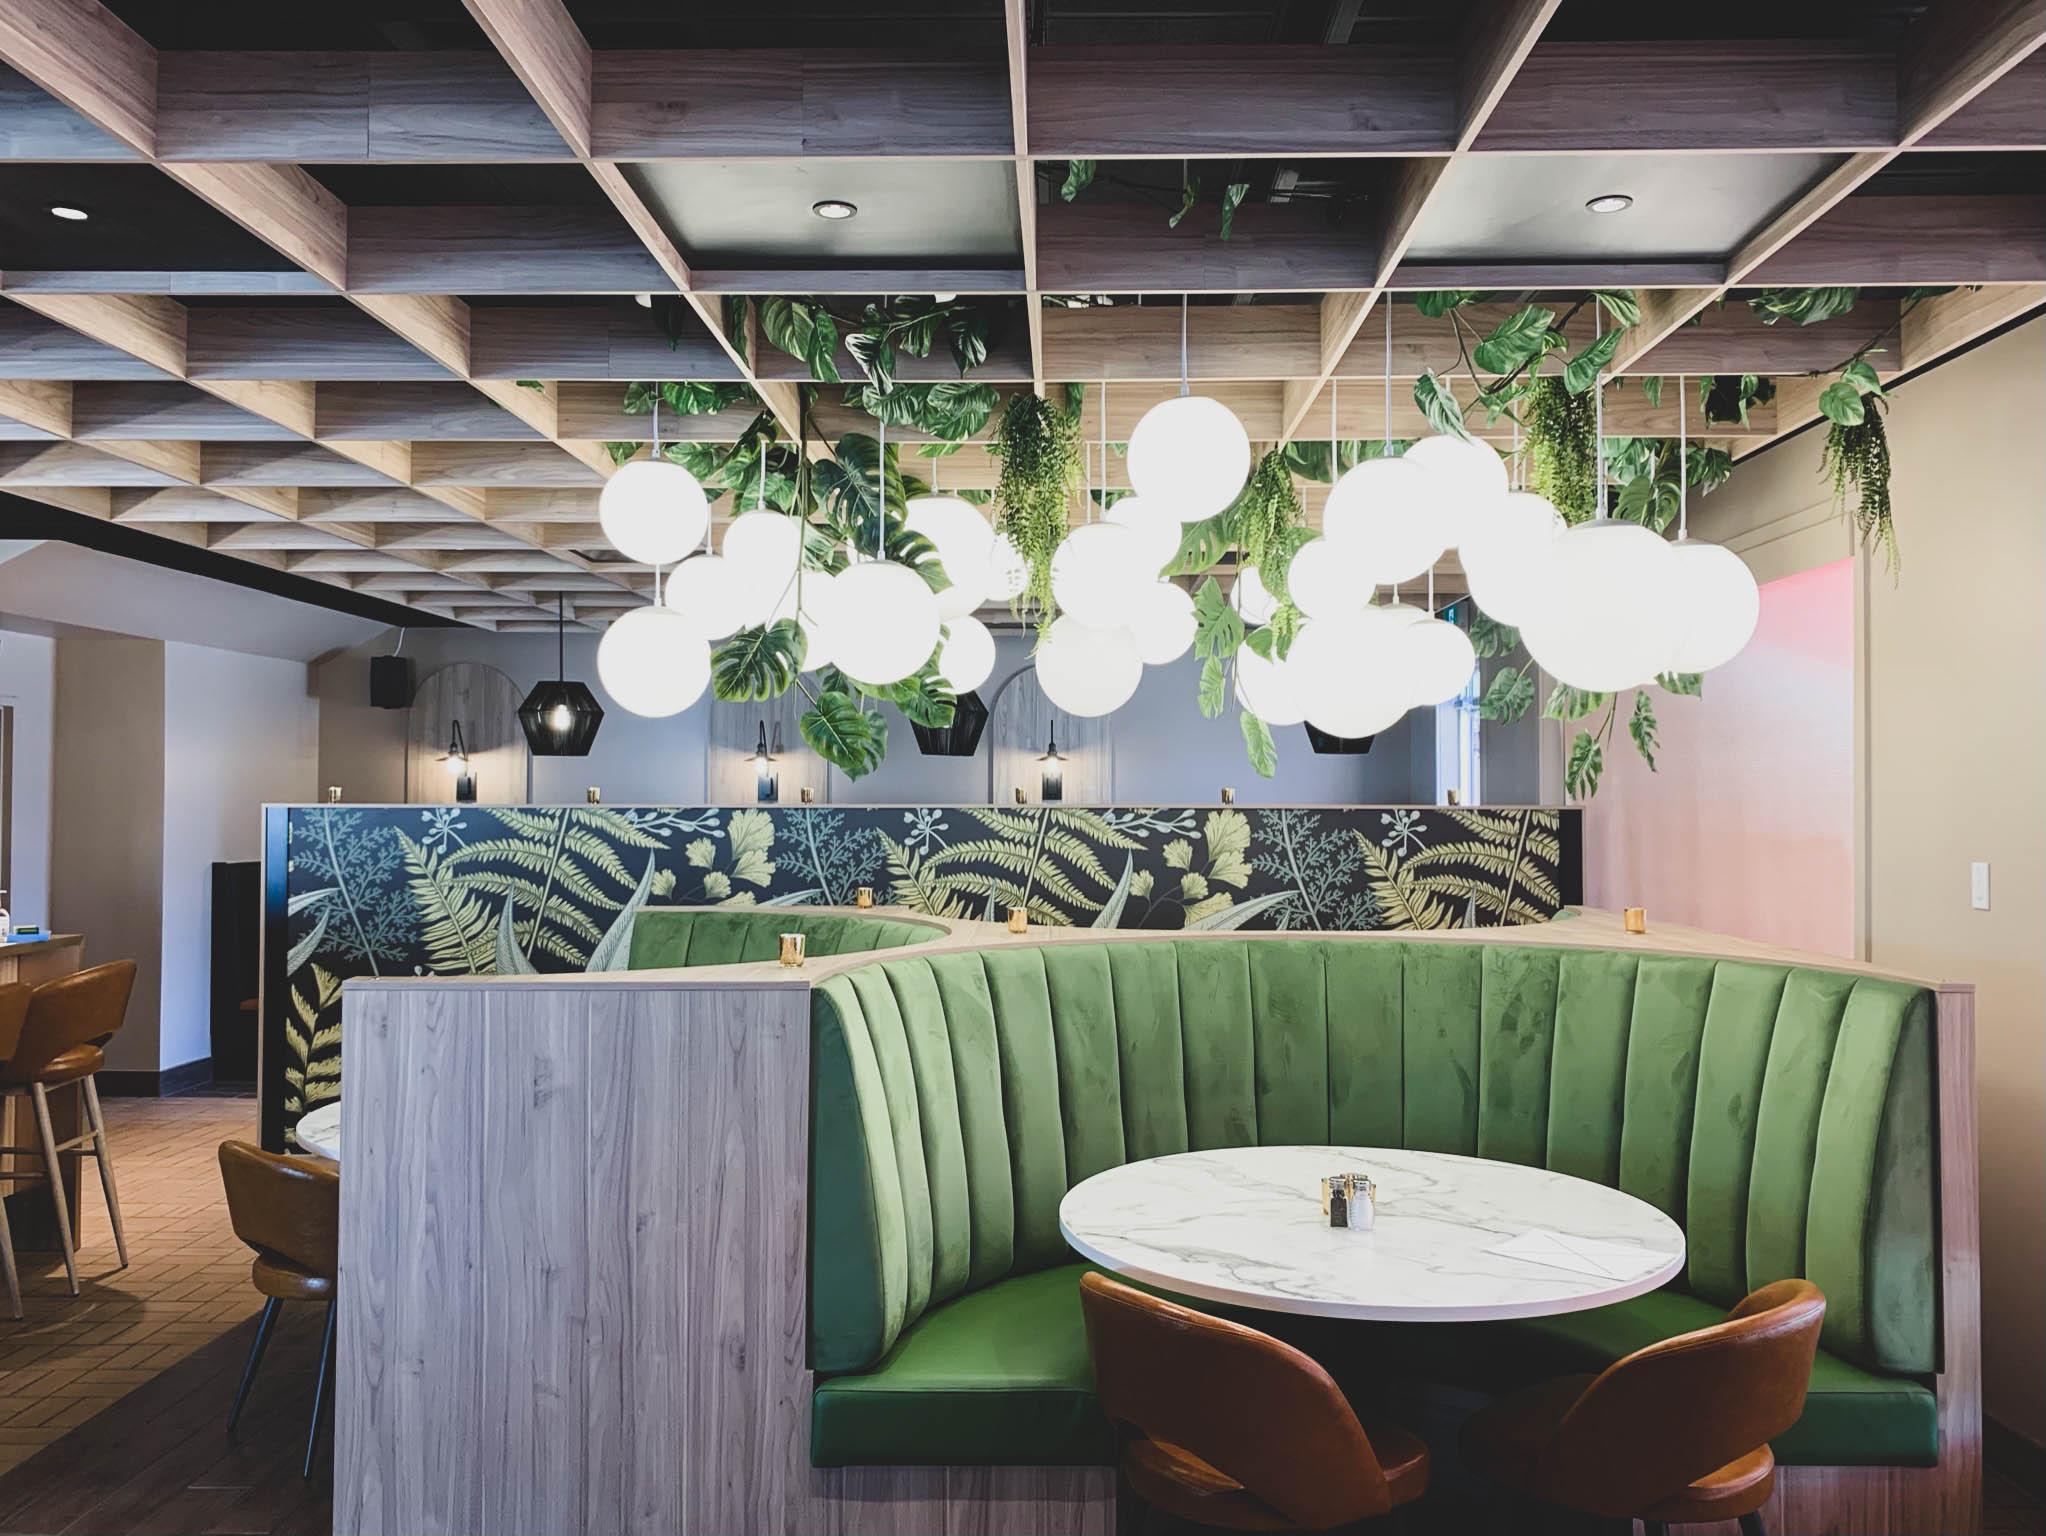 Réalisation Basha Nomade banquette centrale design Struktura 2021